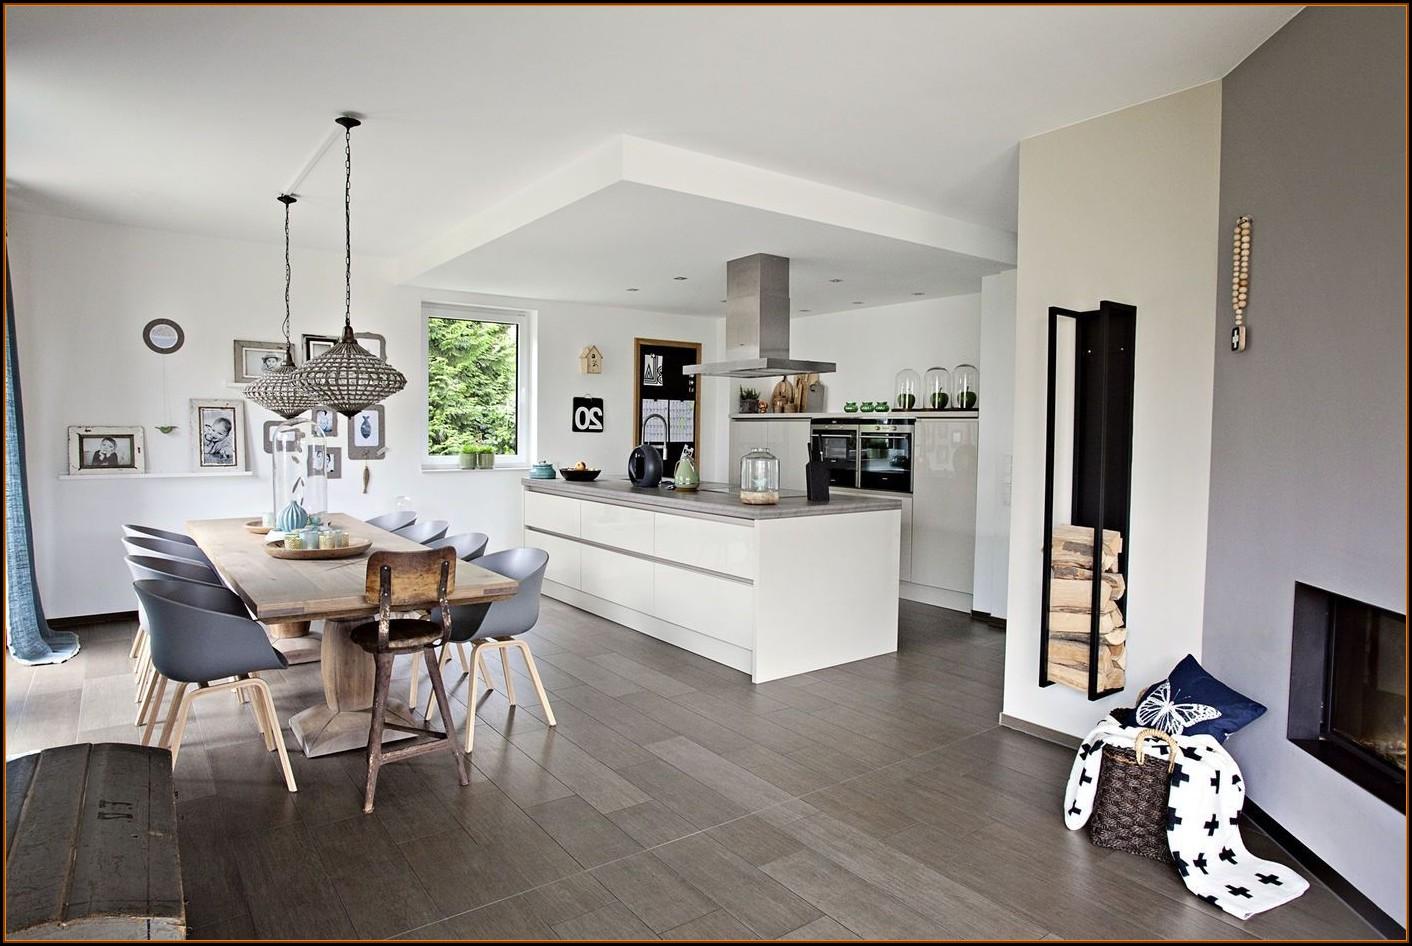 Wohnzimmer Mit fener Küche Ideen Download Page – beste